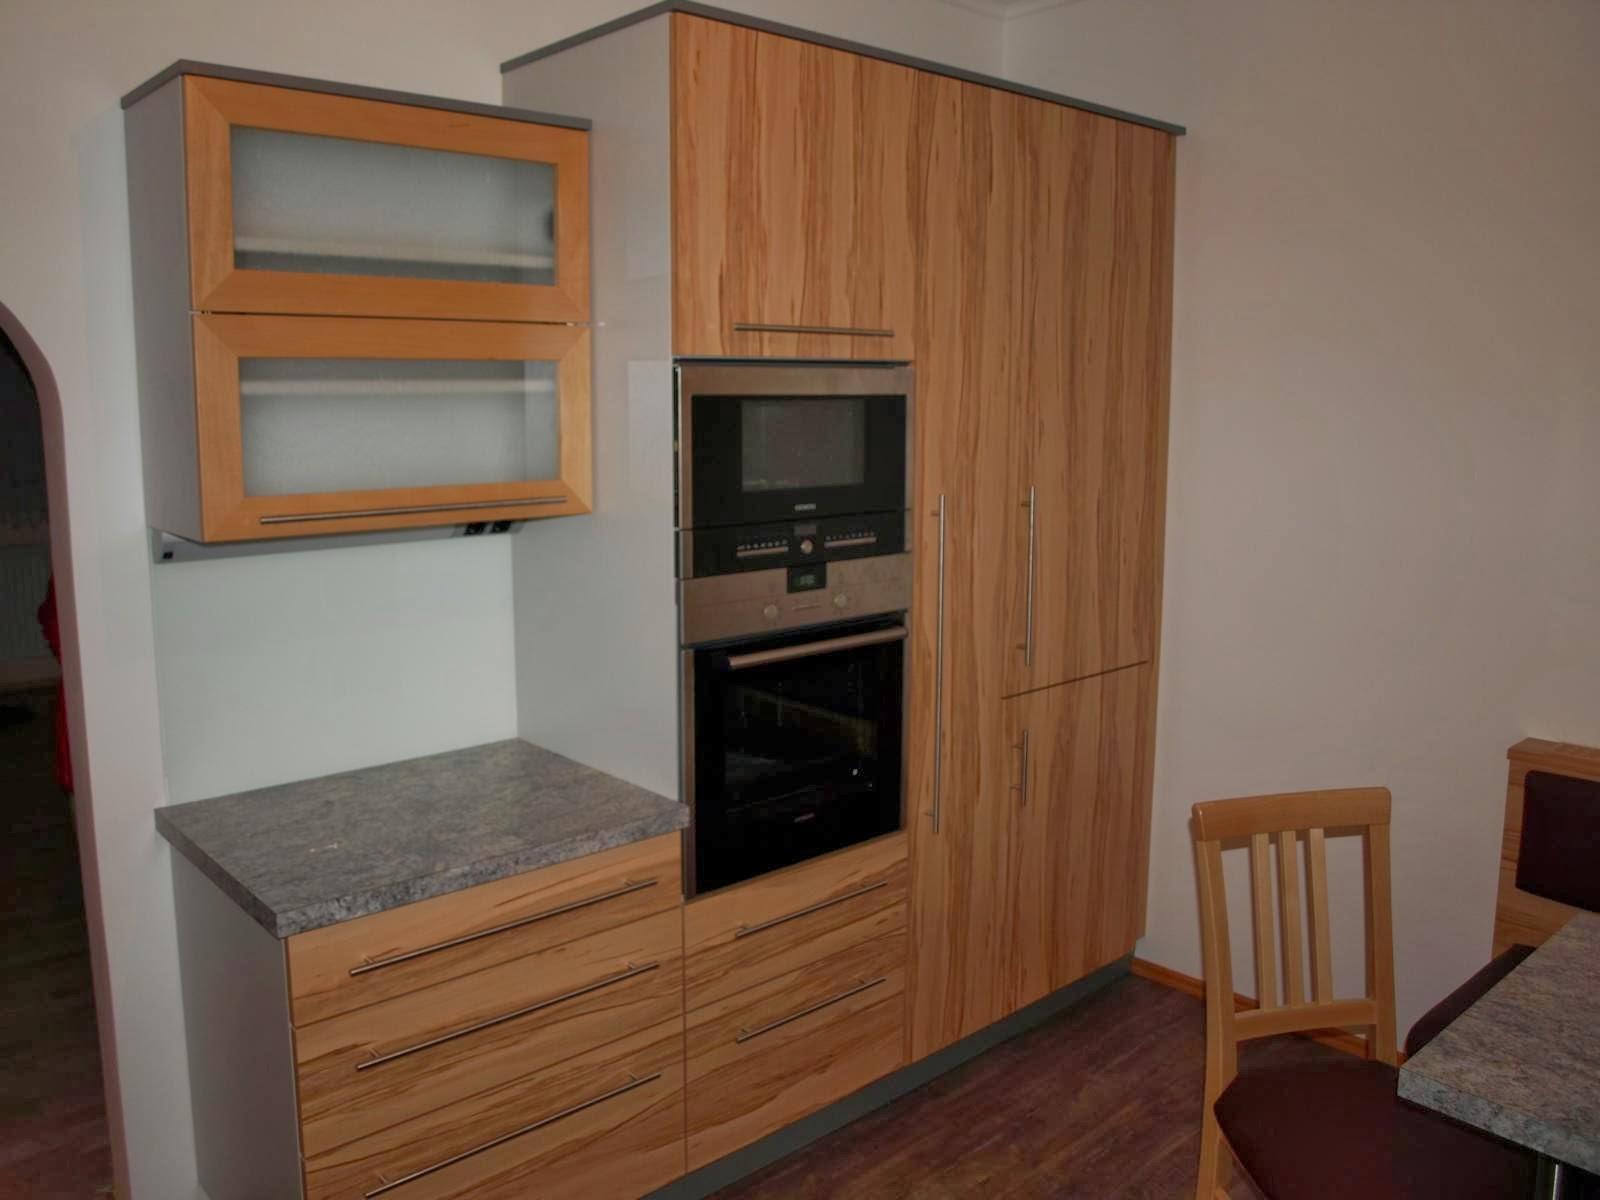 kche neu folieren top kuchen turen erstaunlich lackieren lassen kche folieren rot ikea kuechen. Black Bedroom Furniture Sets. Home Design Ideas